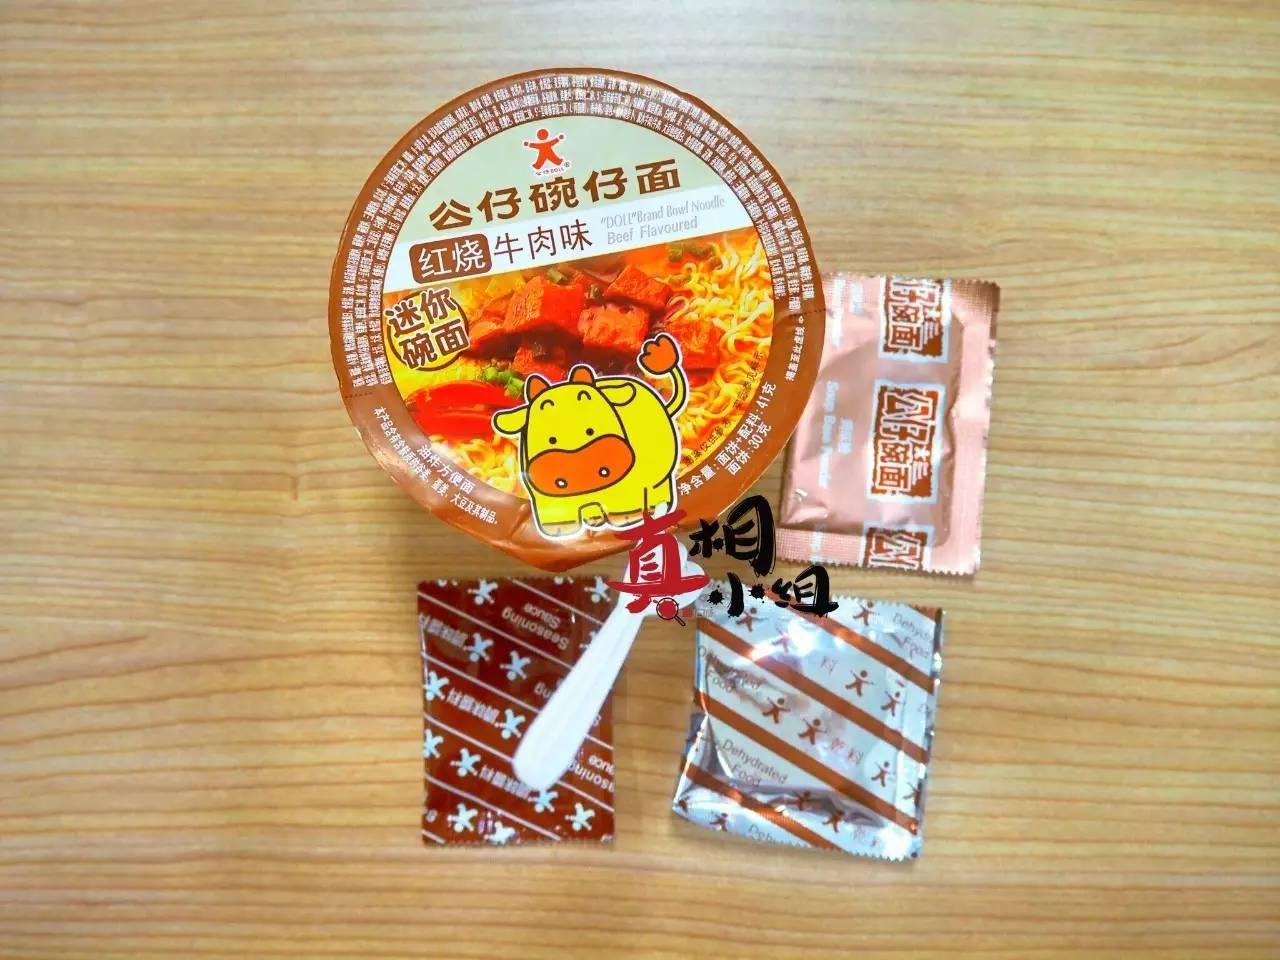 小伶玩具挑戰五種超辣辣雞面,哪一種最好吃呢?... -愛奇藝臺灣站